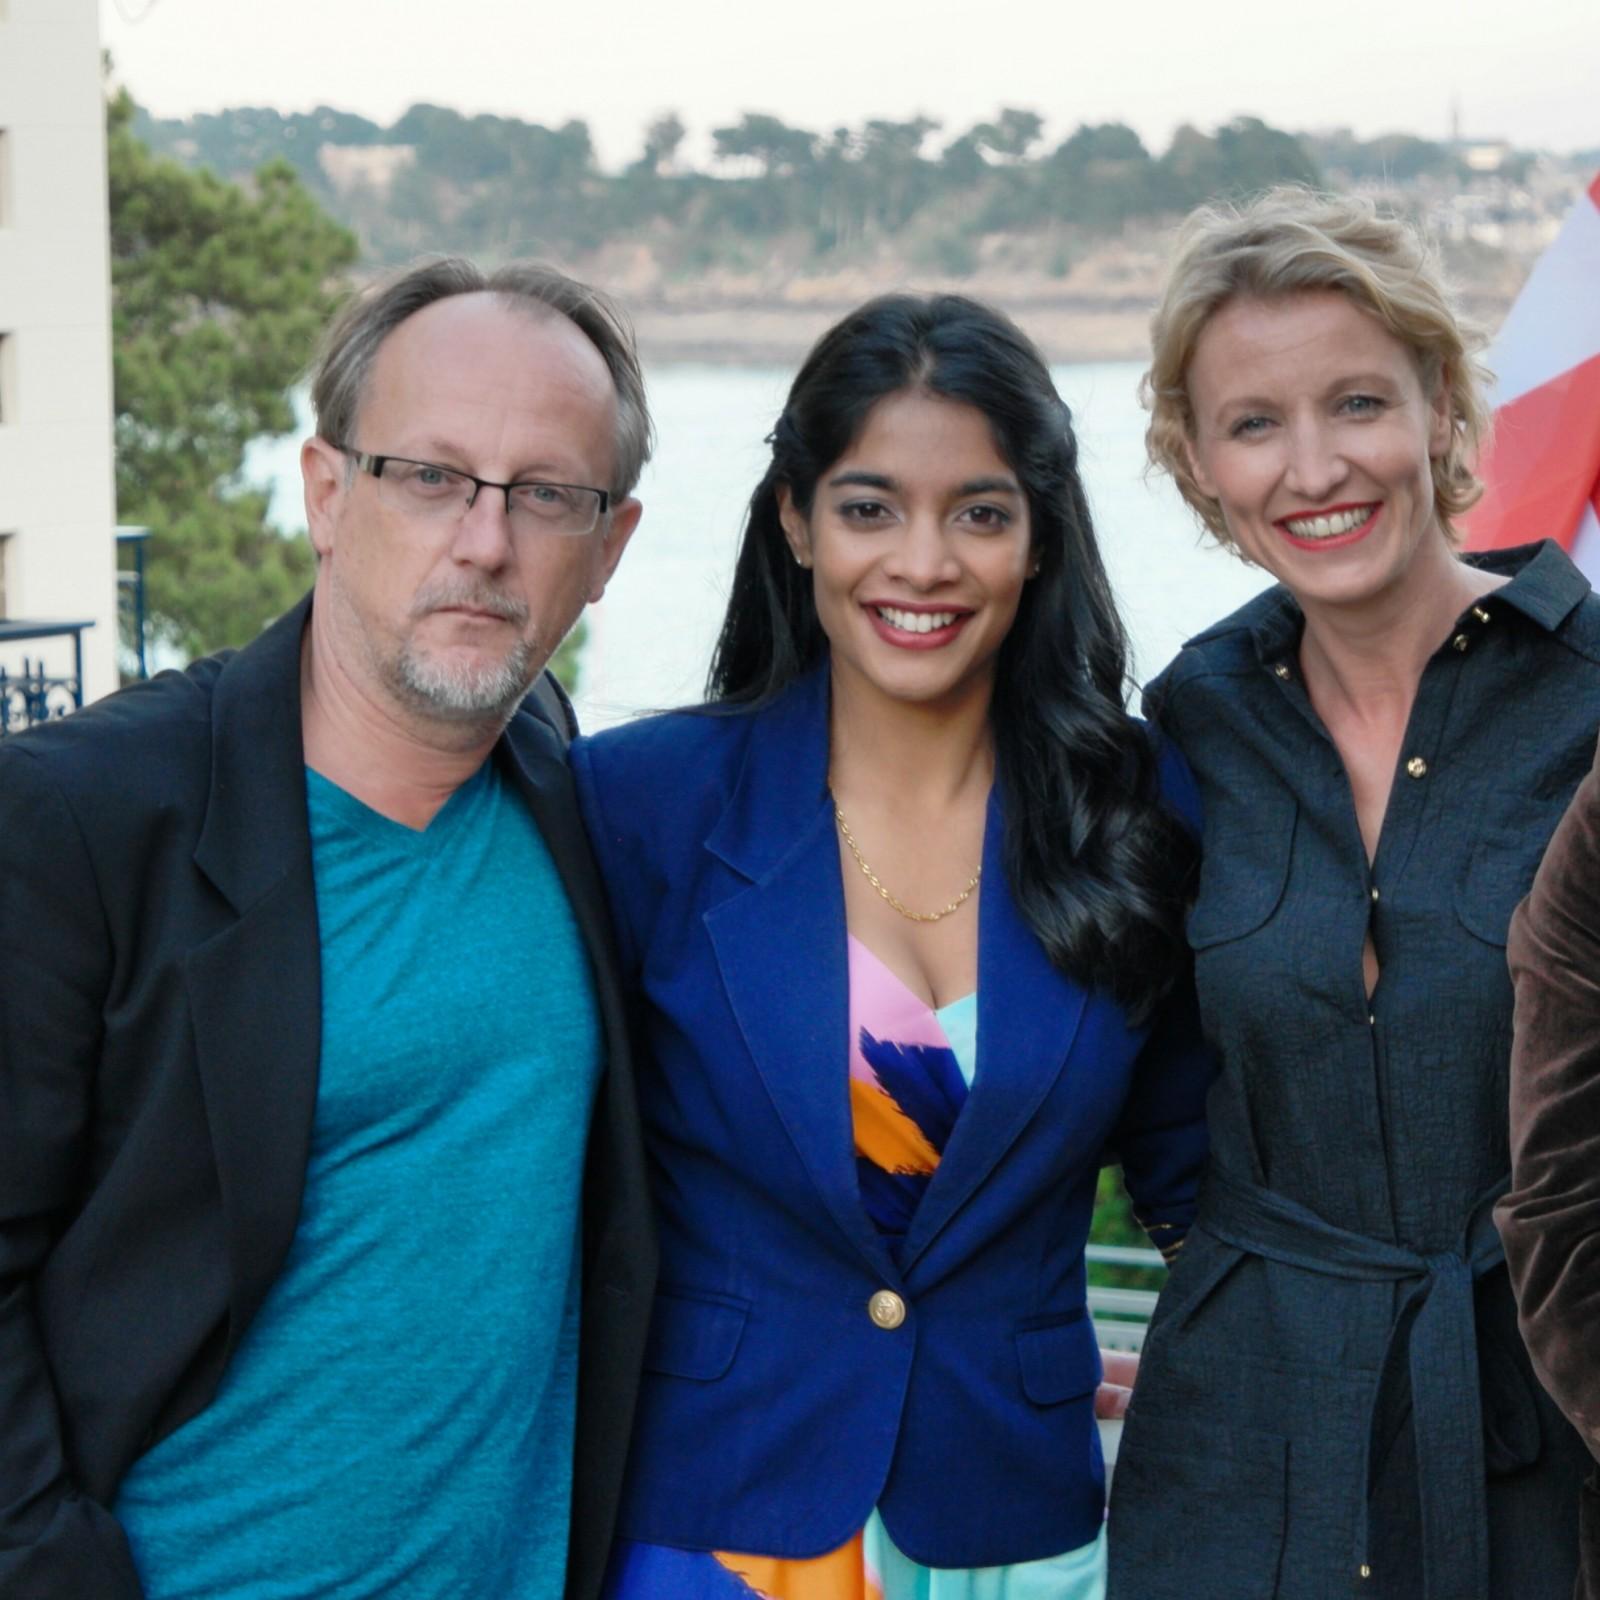 Le producteur Bertrand Faivre avec les comédiennes Amara Karan et Alexandra Lamy